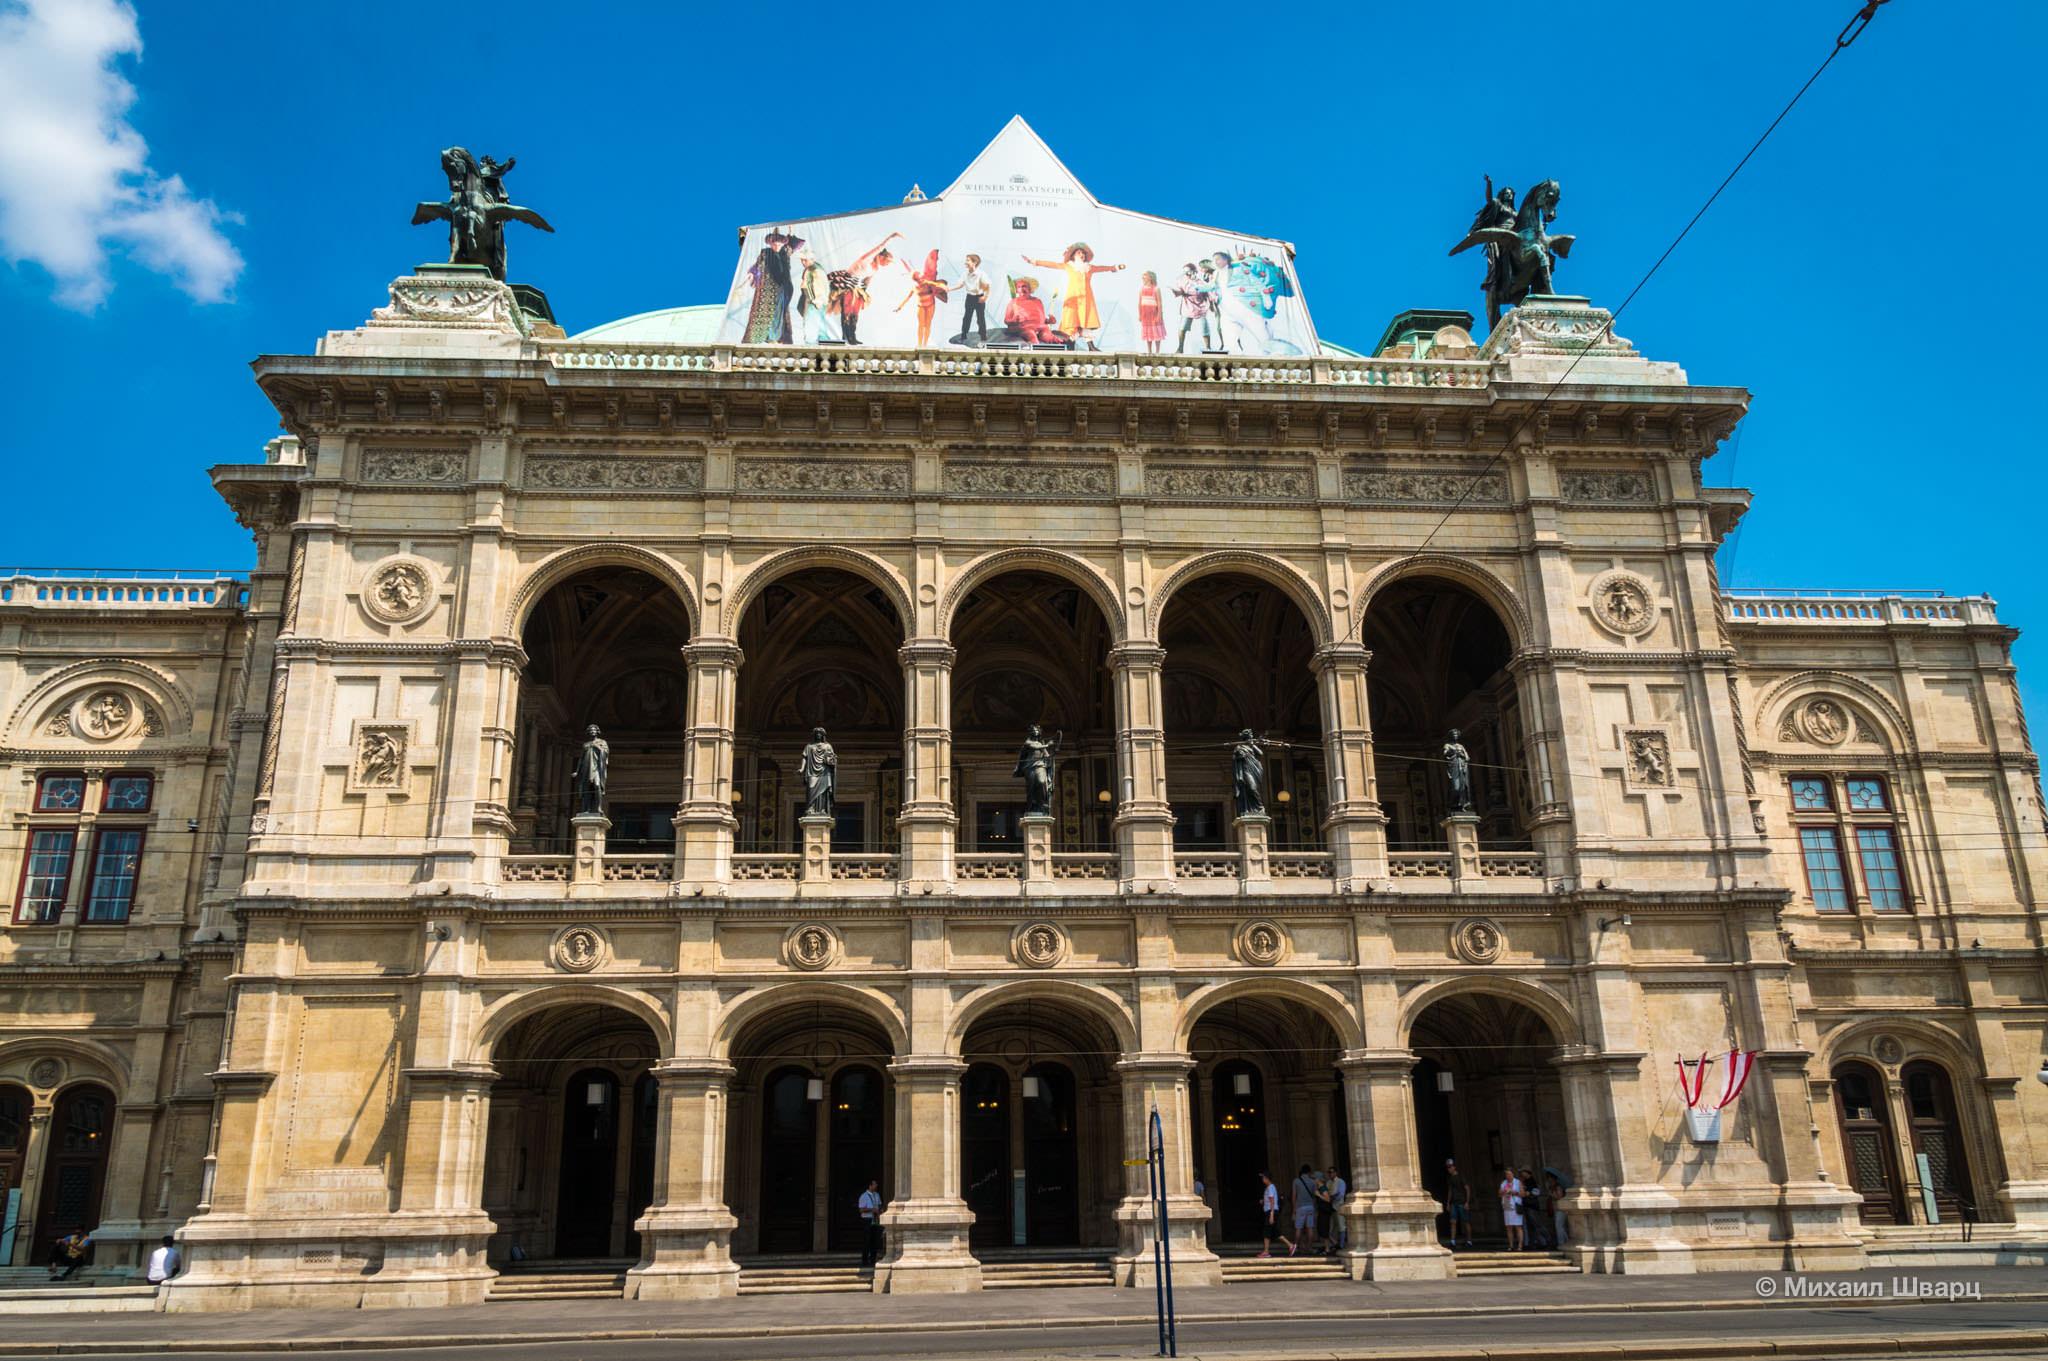 Опера вена билеты купить билет на спектакль 13 в москве